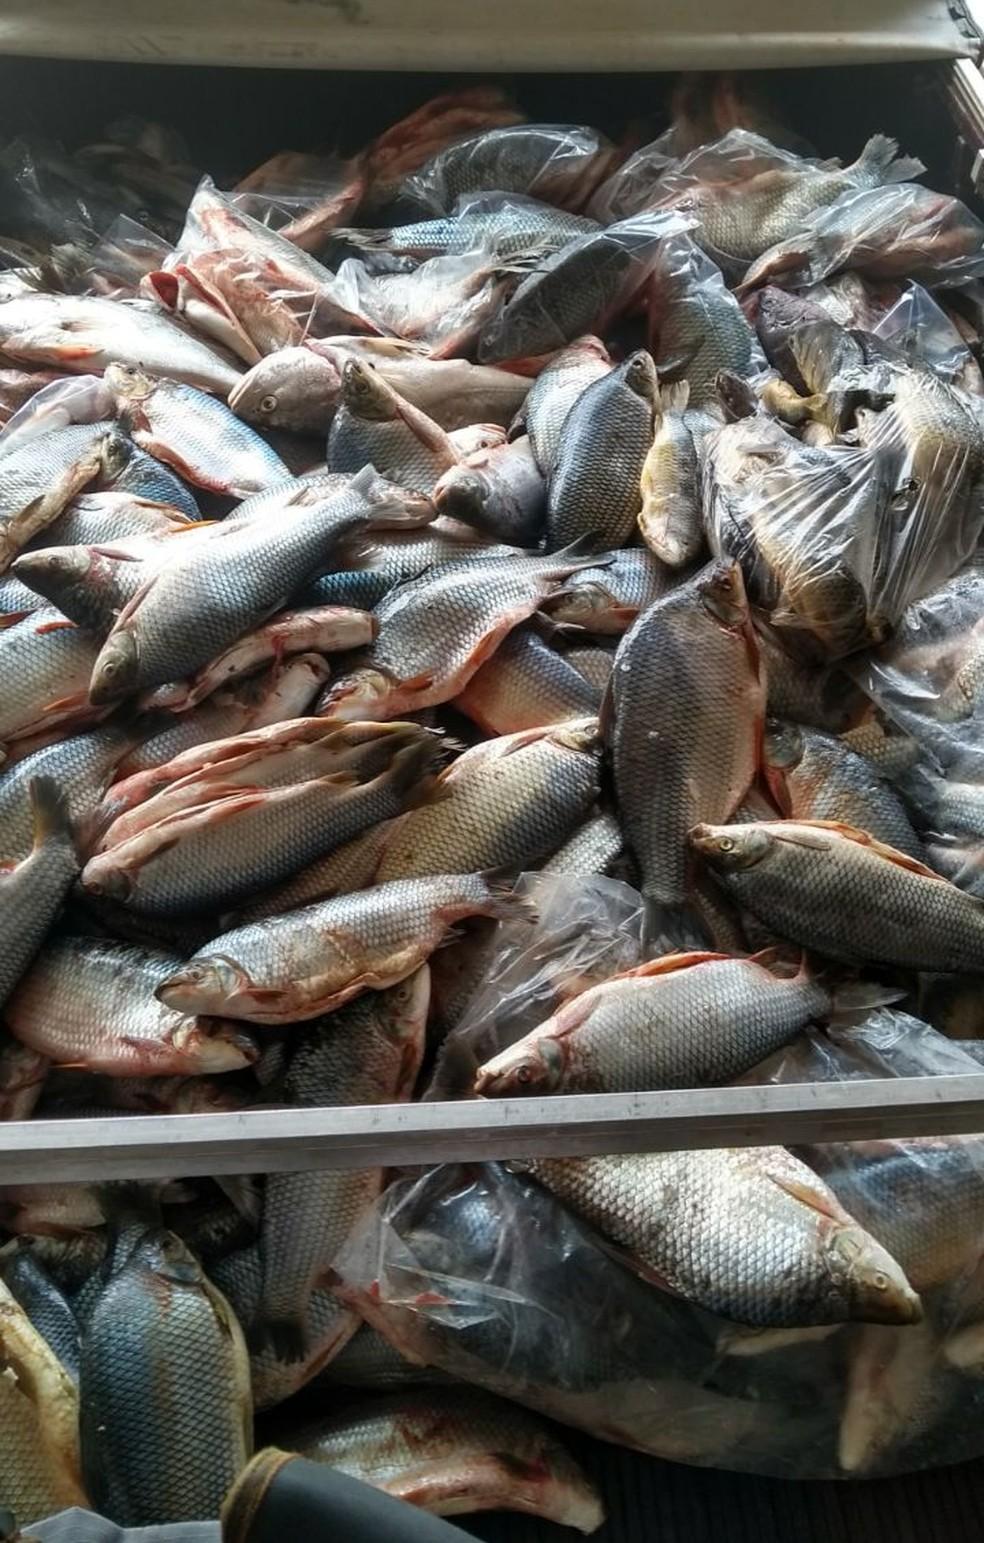 Pescados estavam na carroceria de uma caminhonete abordada em Presidente Epitácio (Foto: Polícia Militar/Cedida)